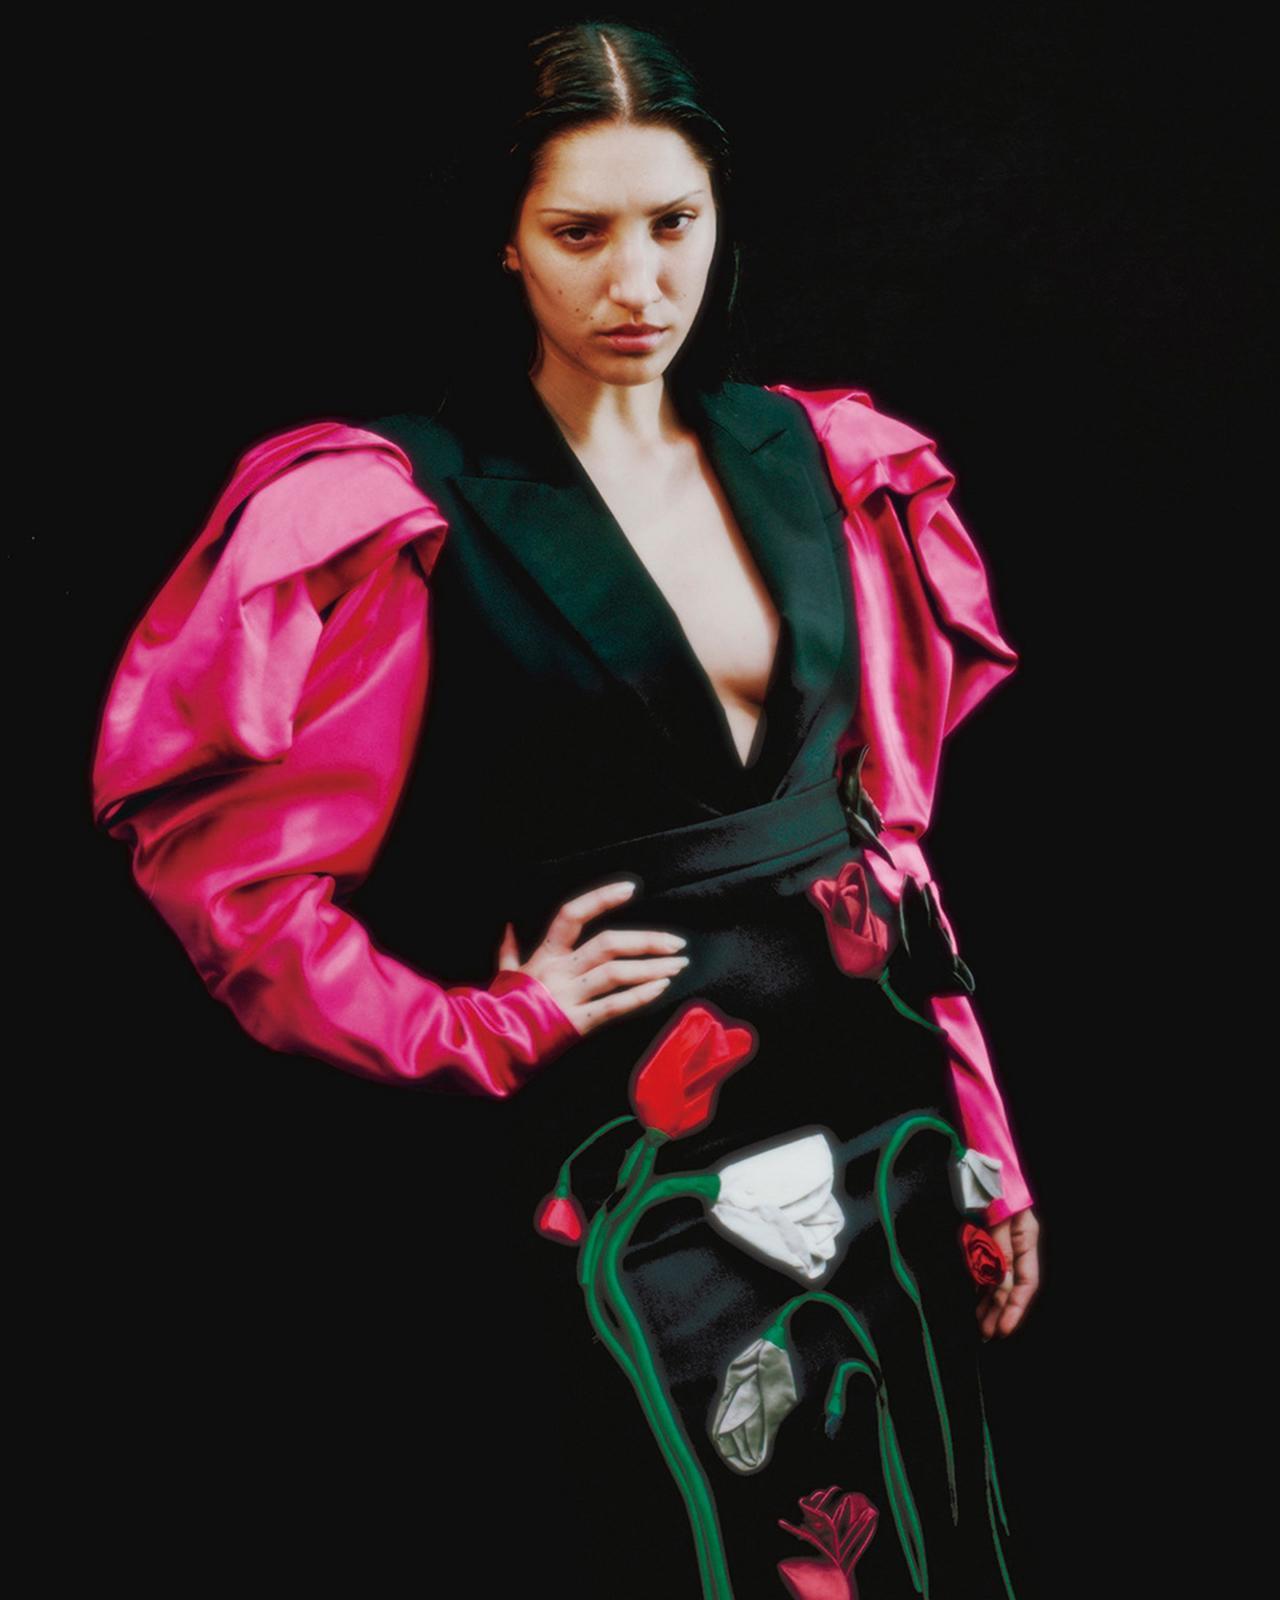 Images : 2番目の画像 - 「花柄とレザーで誘う 秋のダーク・ロマンス」のアルバム - T JAPAN:The New York Times Style Magazine 公式サイト